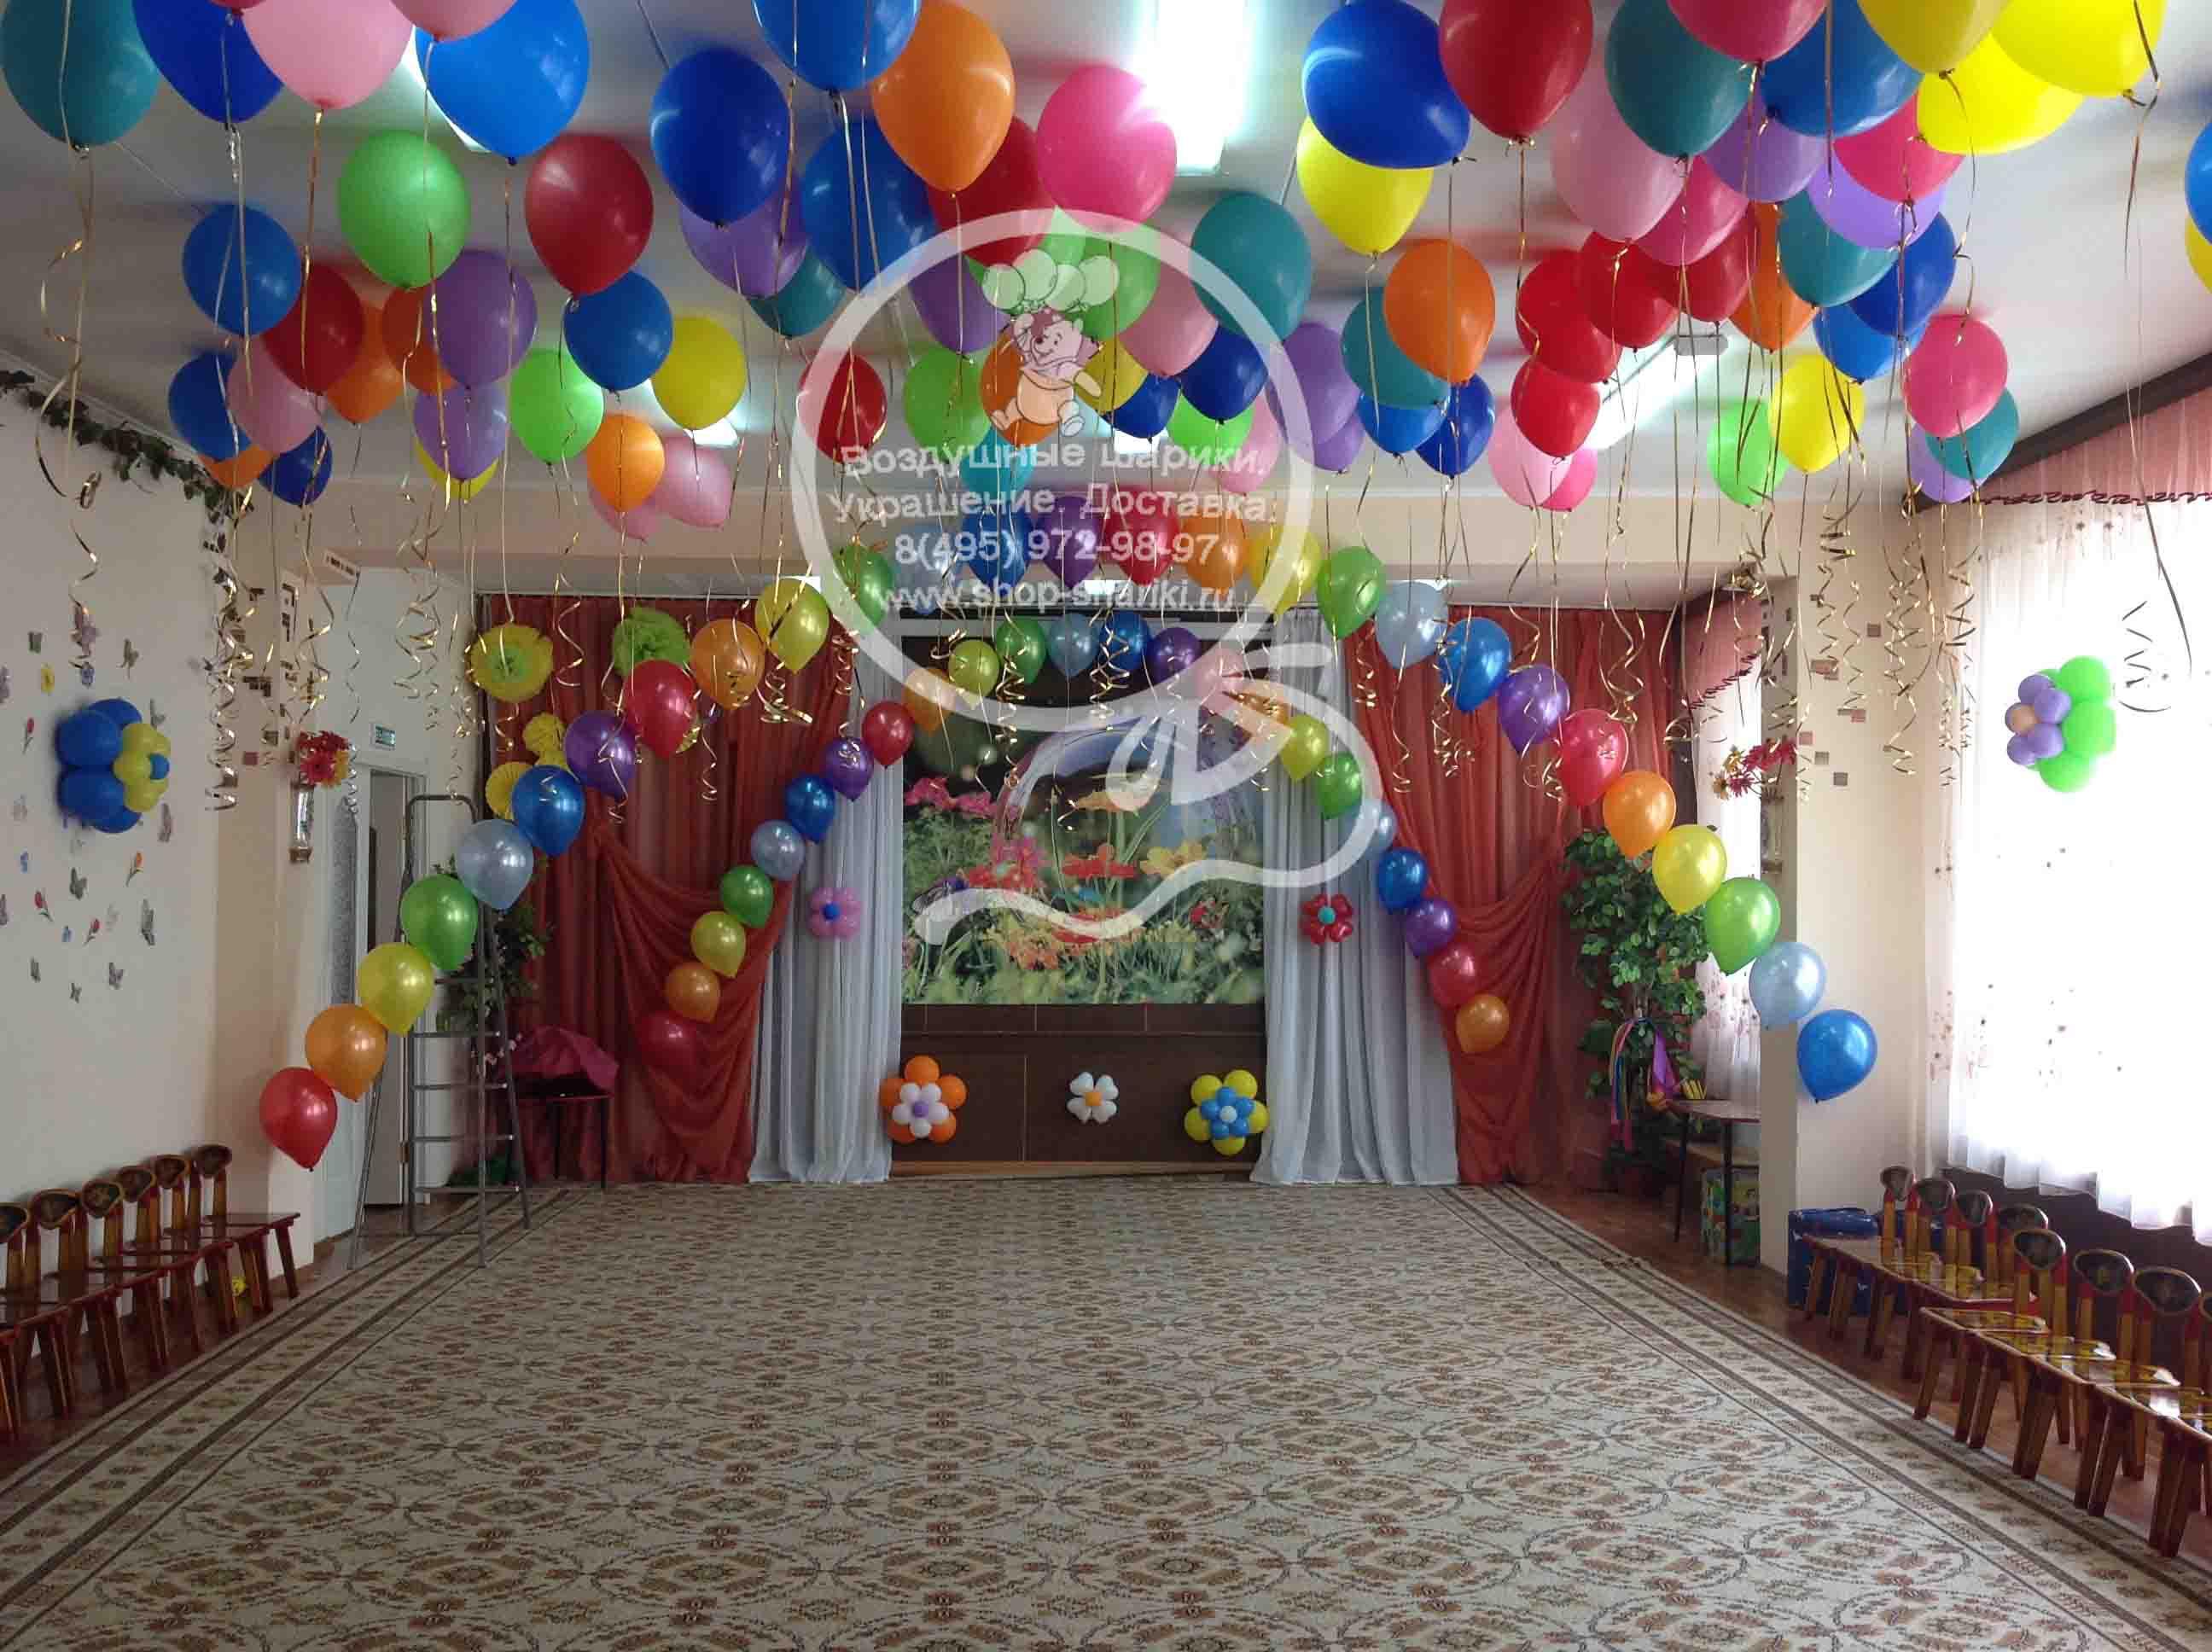 украшение детского сада шарами www.shop-shariki.ru.jpg